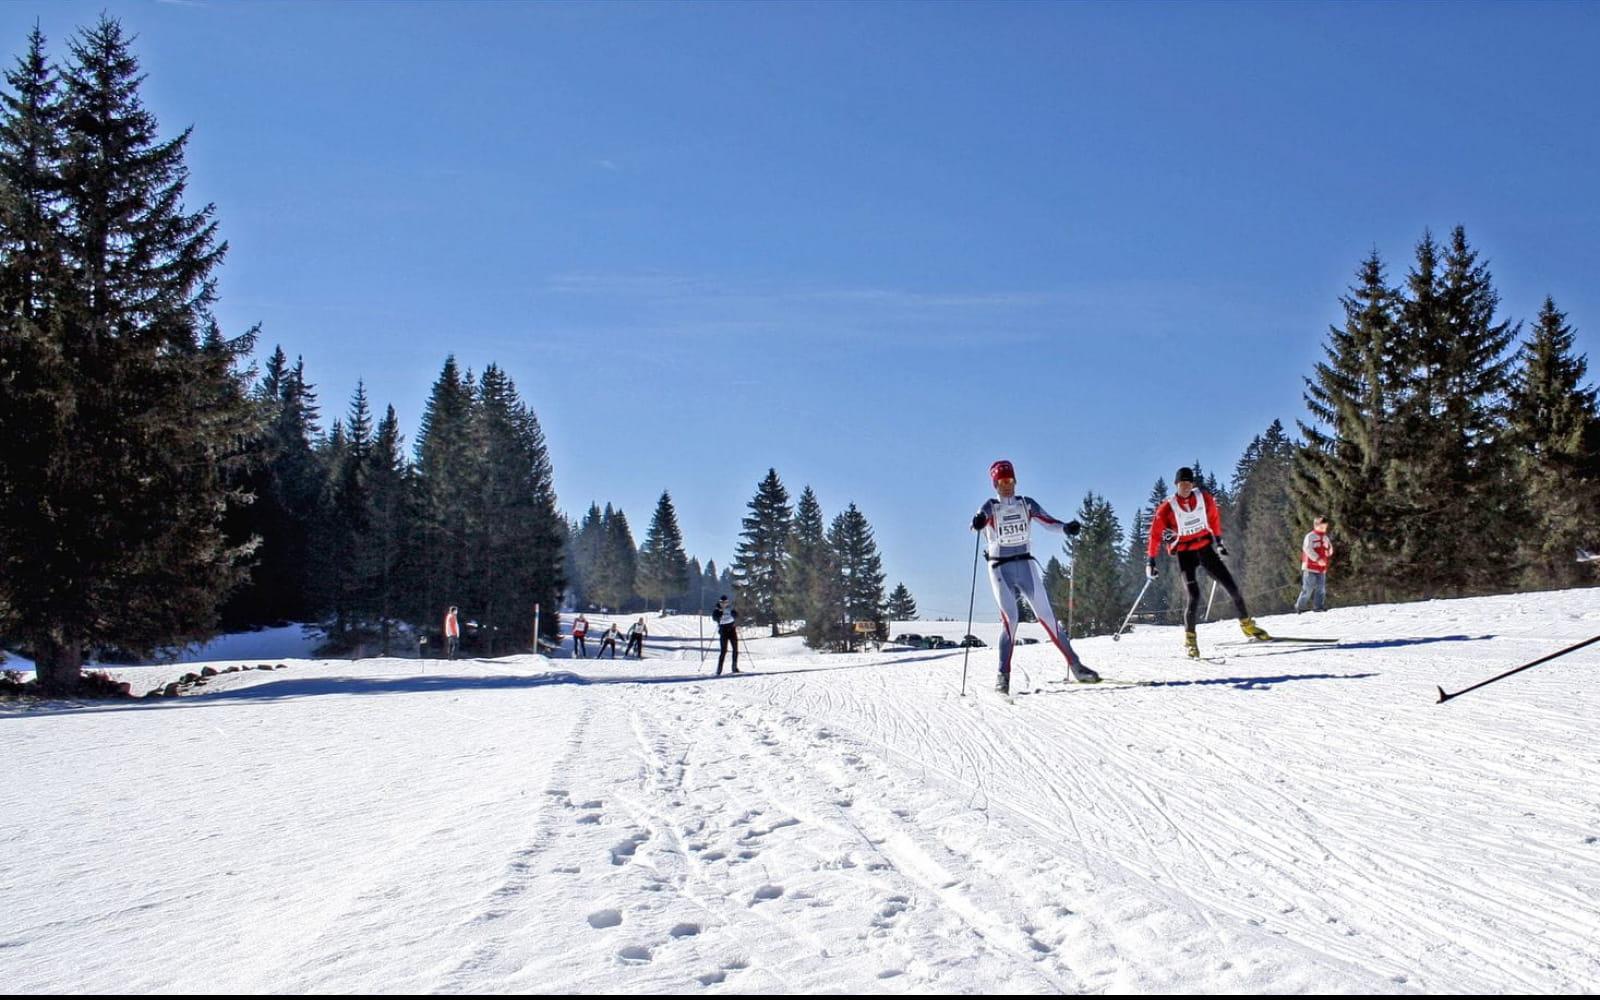 Chaque année en février, plus de 4000 skieurs nordiques s'élancent sur les 68 km de la Transjurassienne